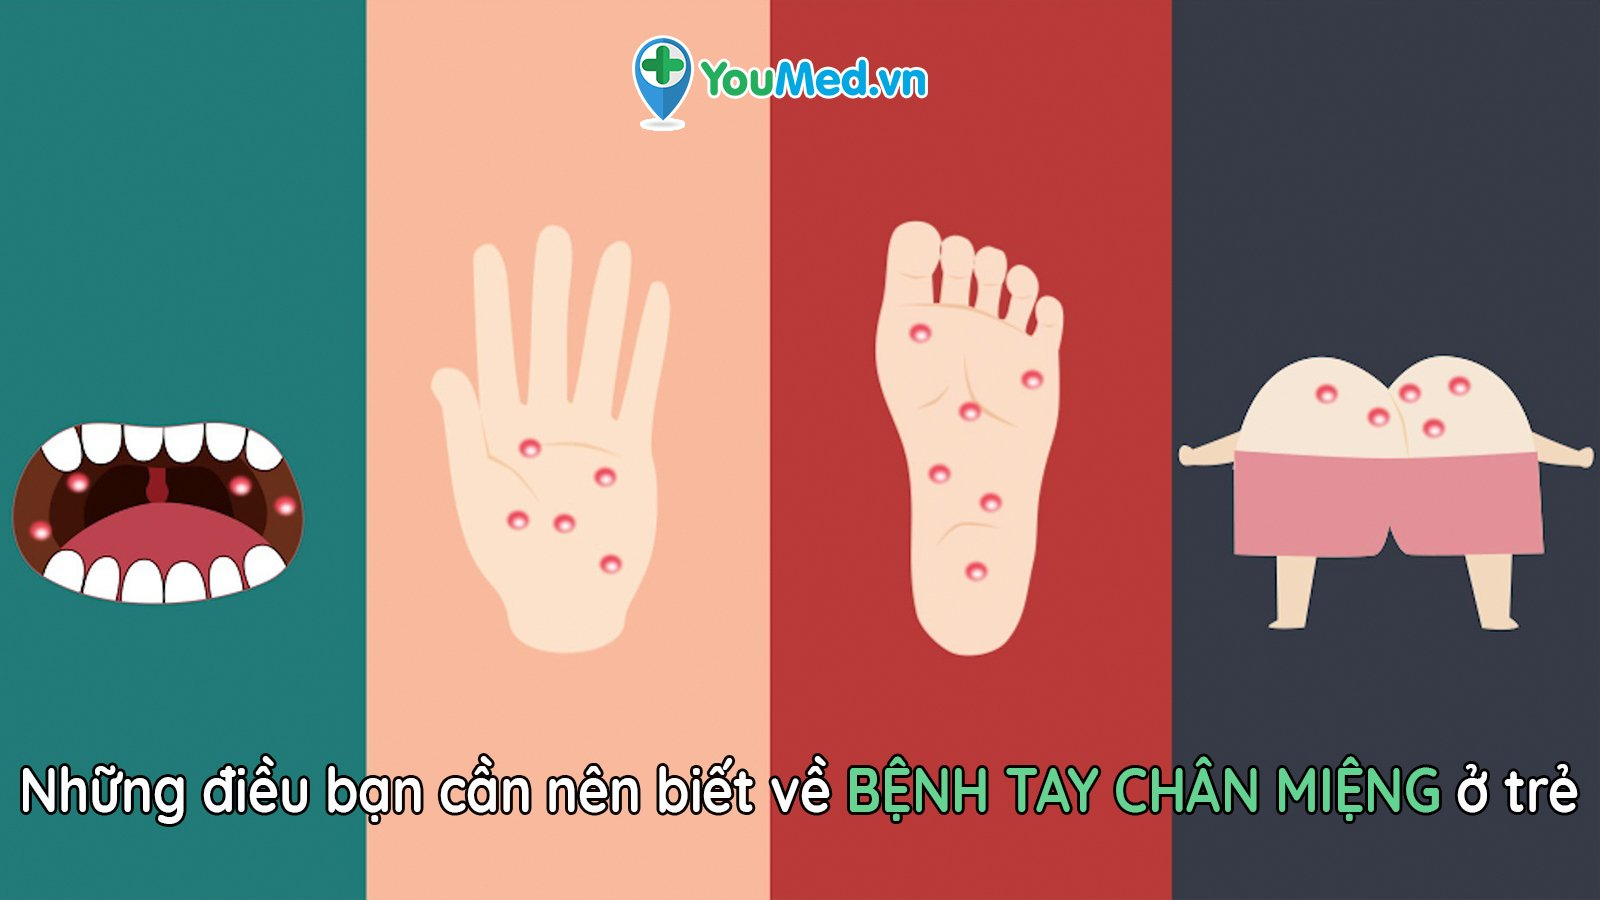 Bệnh tay chân miệng ở trẻ: Điều bố mẹ phải biết